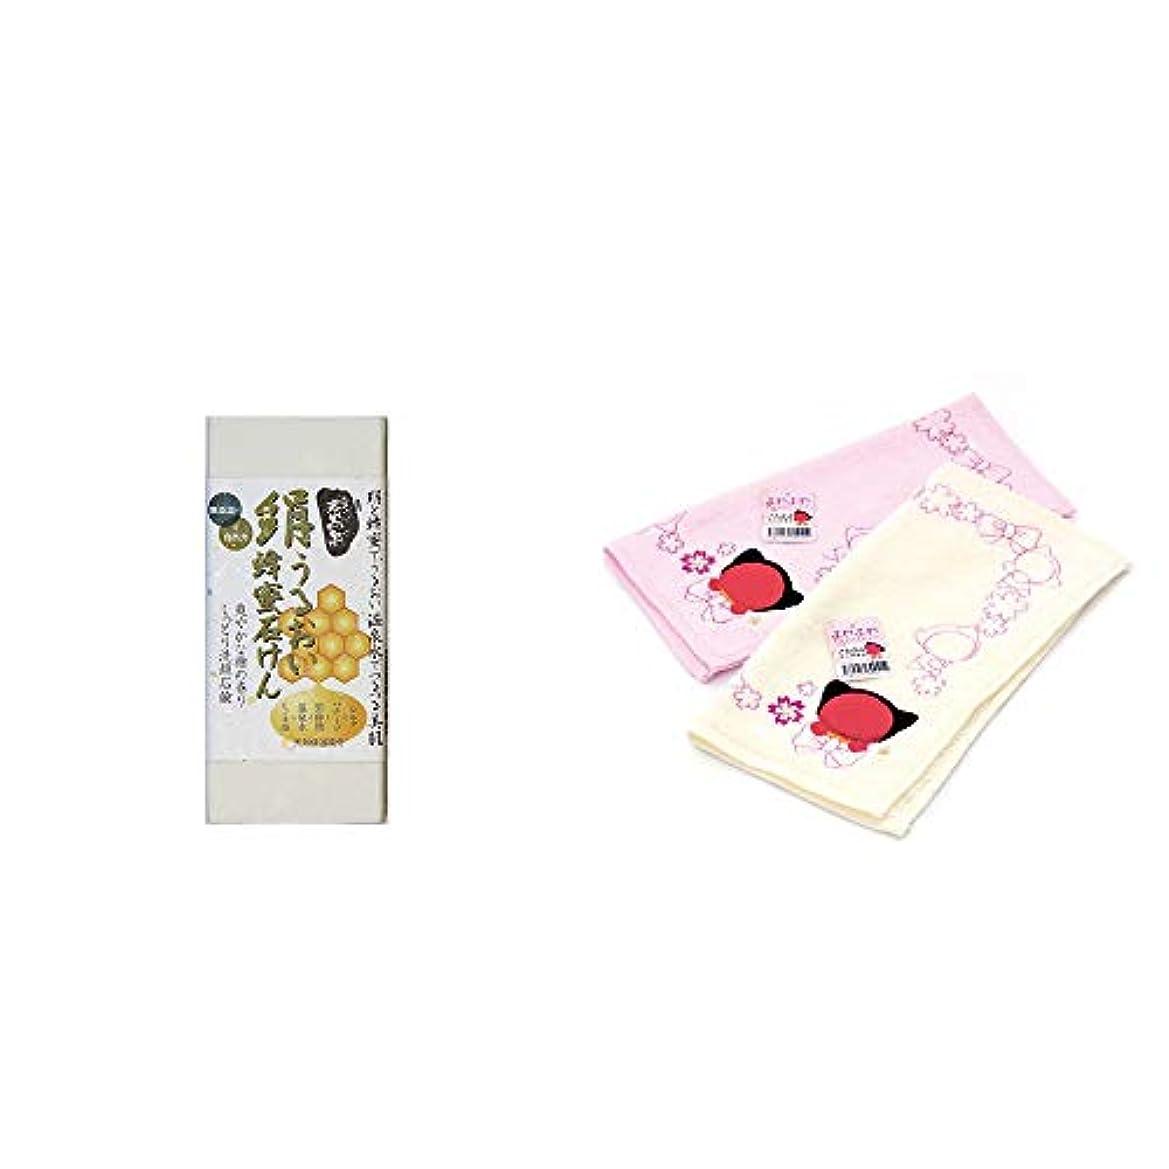 腫瘍欠かせないふつう[2点セット] ひのき炭黒泉 絹うるおい蜂蜜石けん(75g×2)?さるぼぼ ふわふわタオルハンカチ【ピンク】